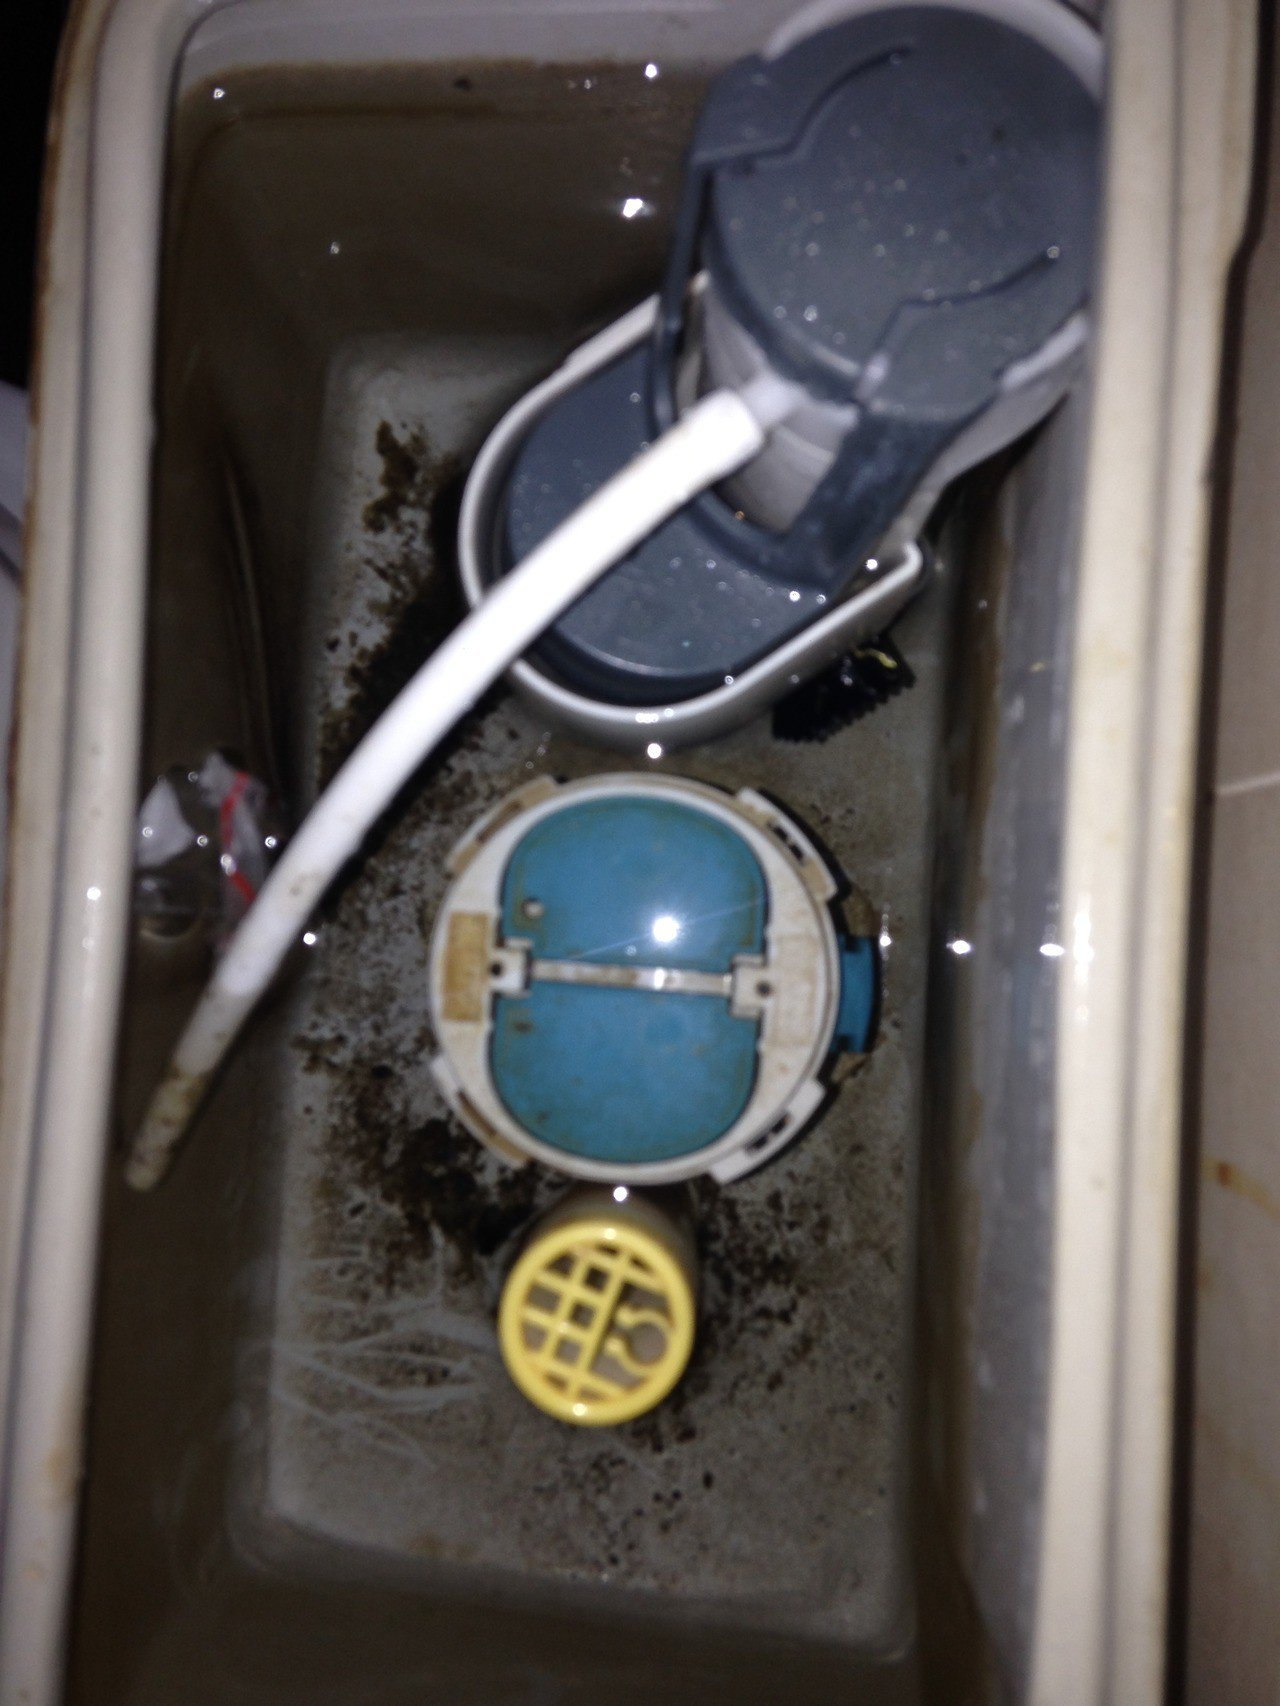 嫌犯將剩餘的毒品包裝丟入馬桶水箱內企圖煙滅證據,但仍被員警發現。記者巫鴻瑋/翻攝